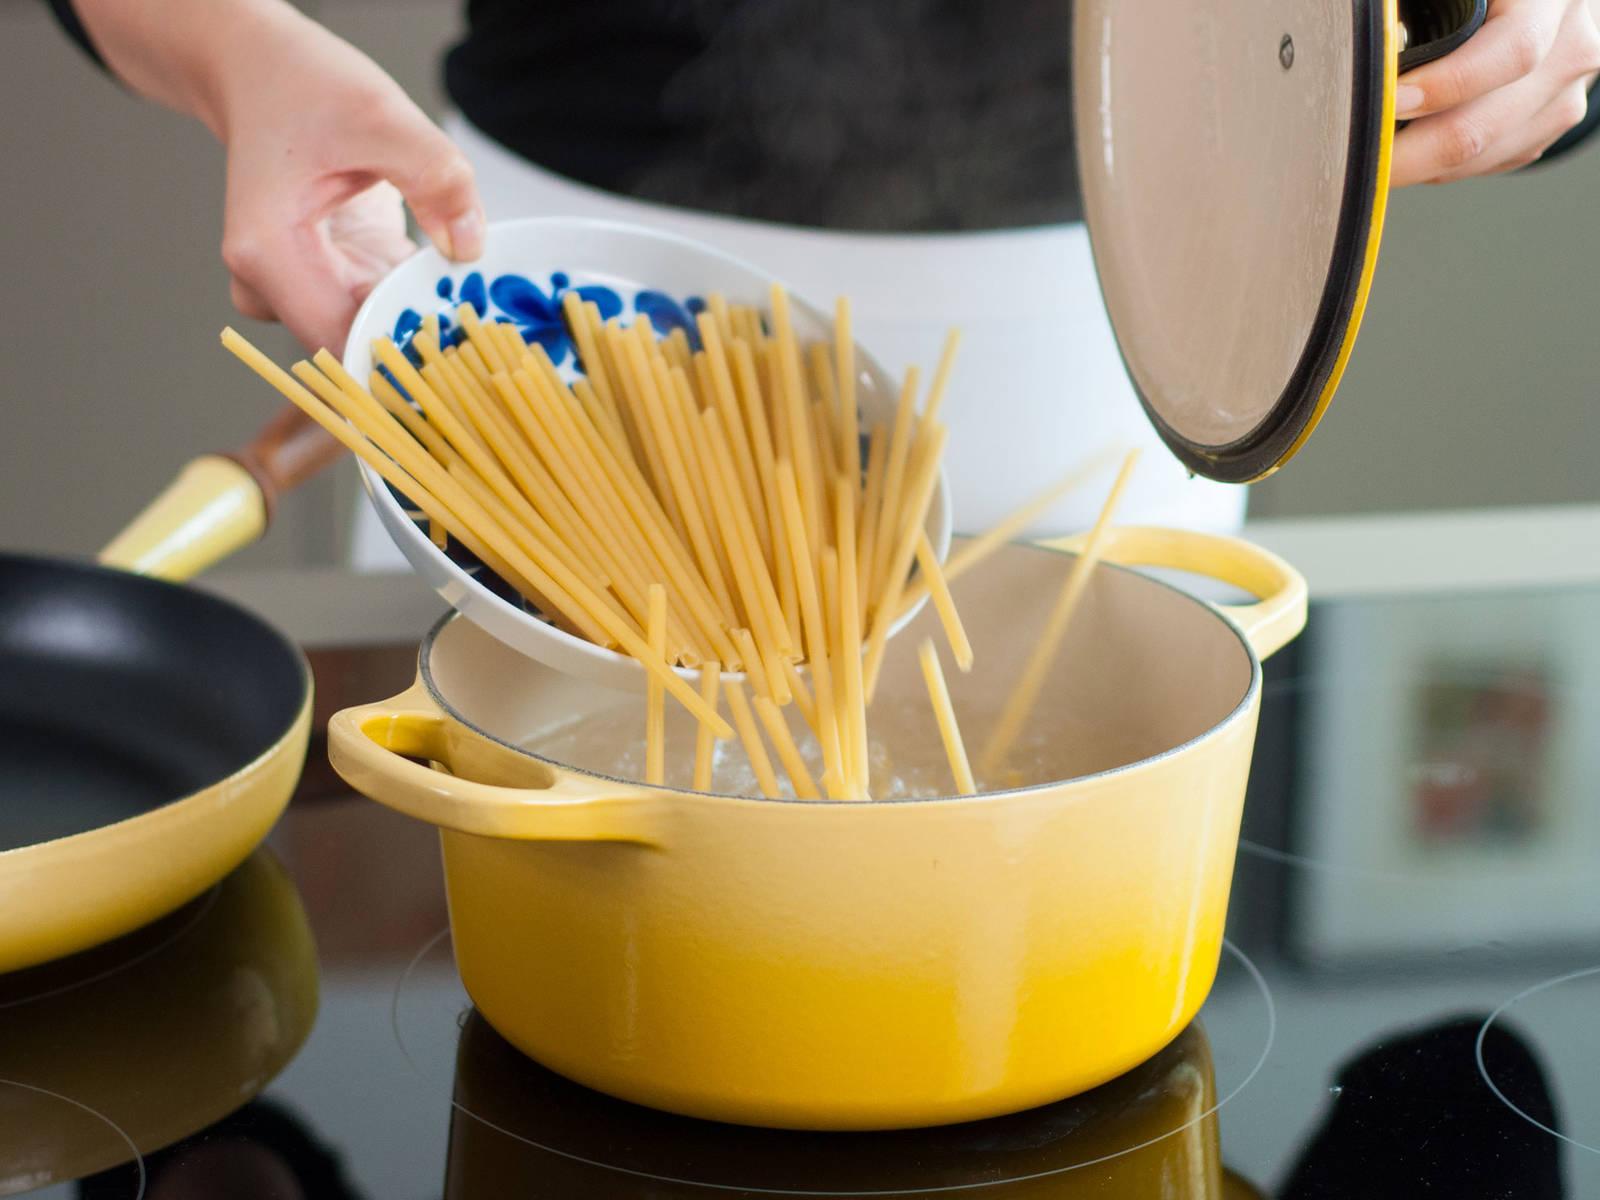 按照包装上的说明,将通心粉放入煮沸的盐水中煮8-10分钟。盛出后沥水备用。